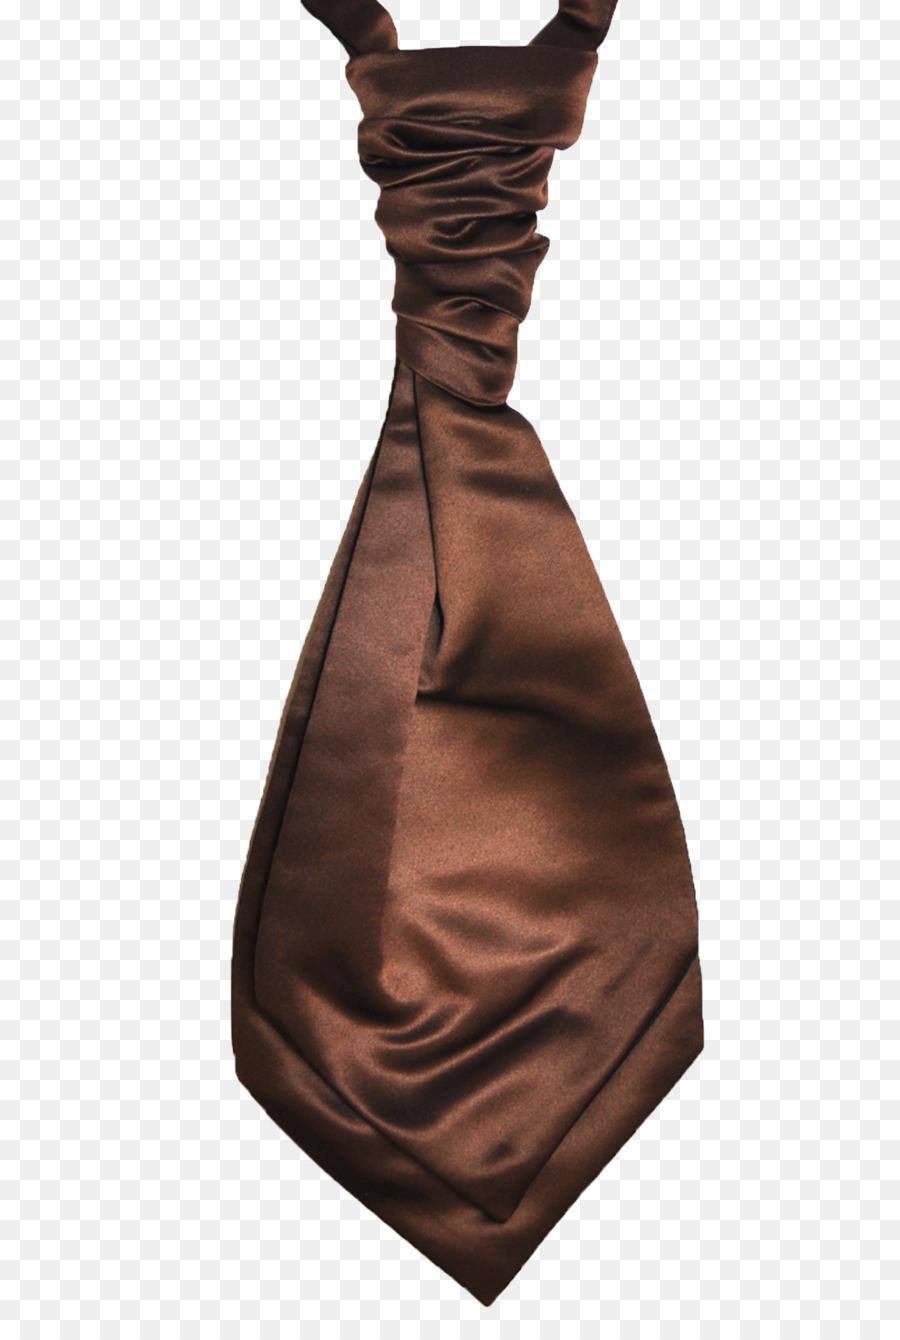 Abend Einfach Dresscode Abendkleidung Design20 Top Dresscode Abendkleidung Vertrieb